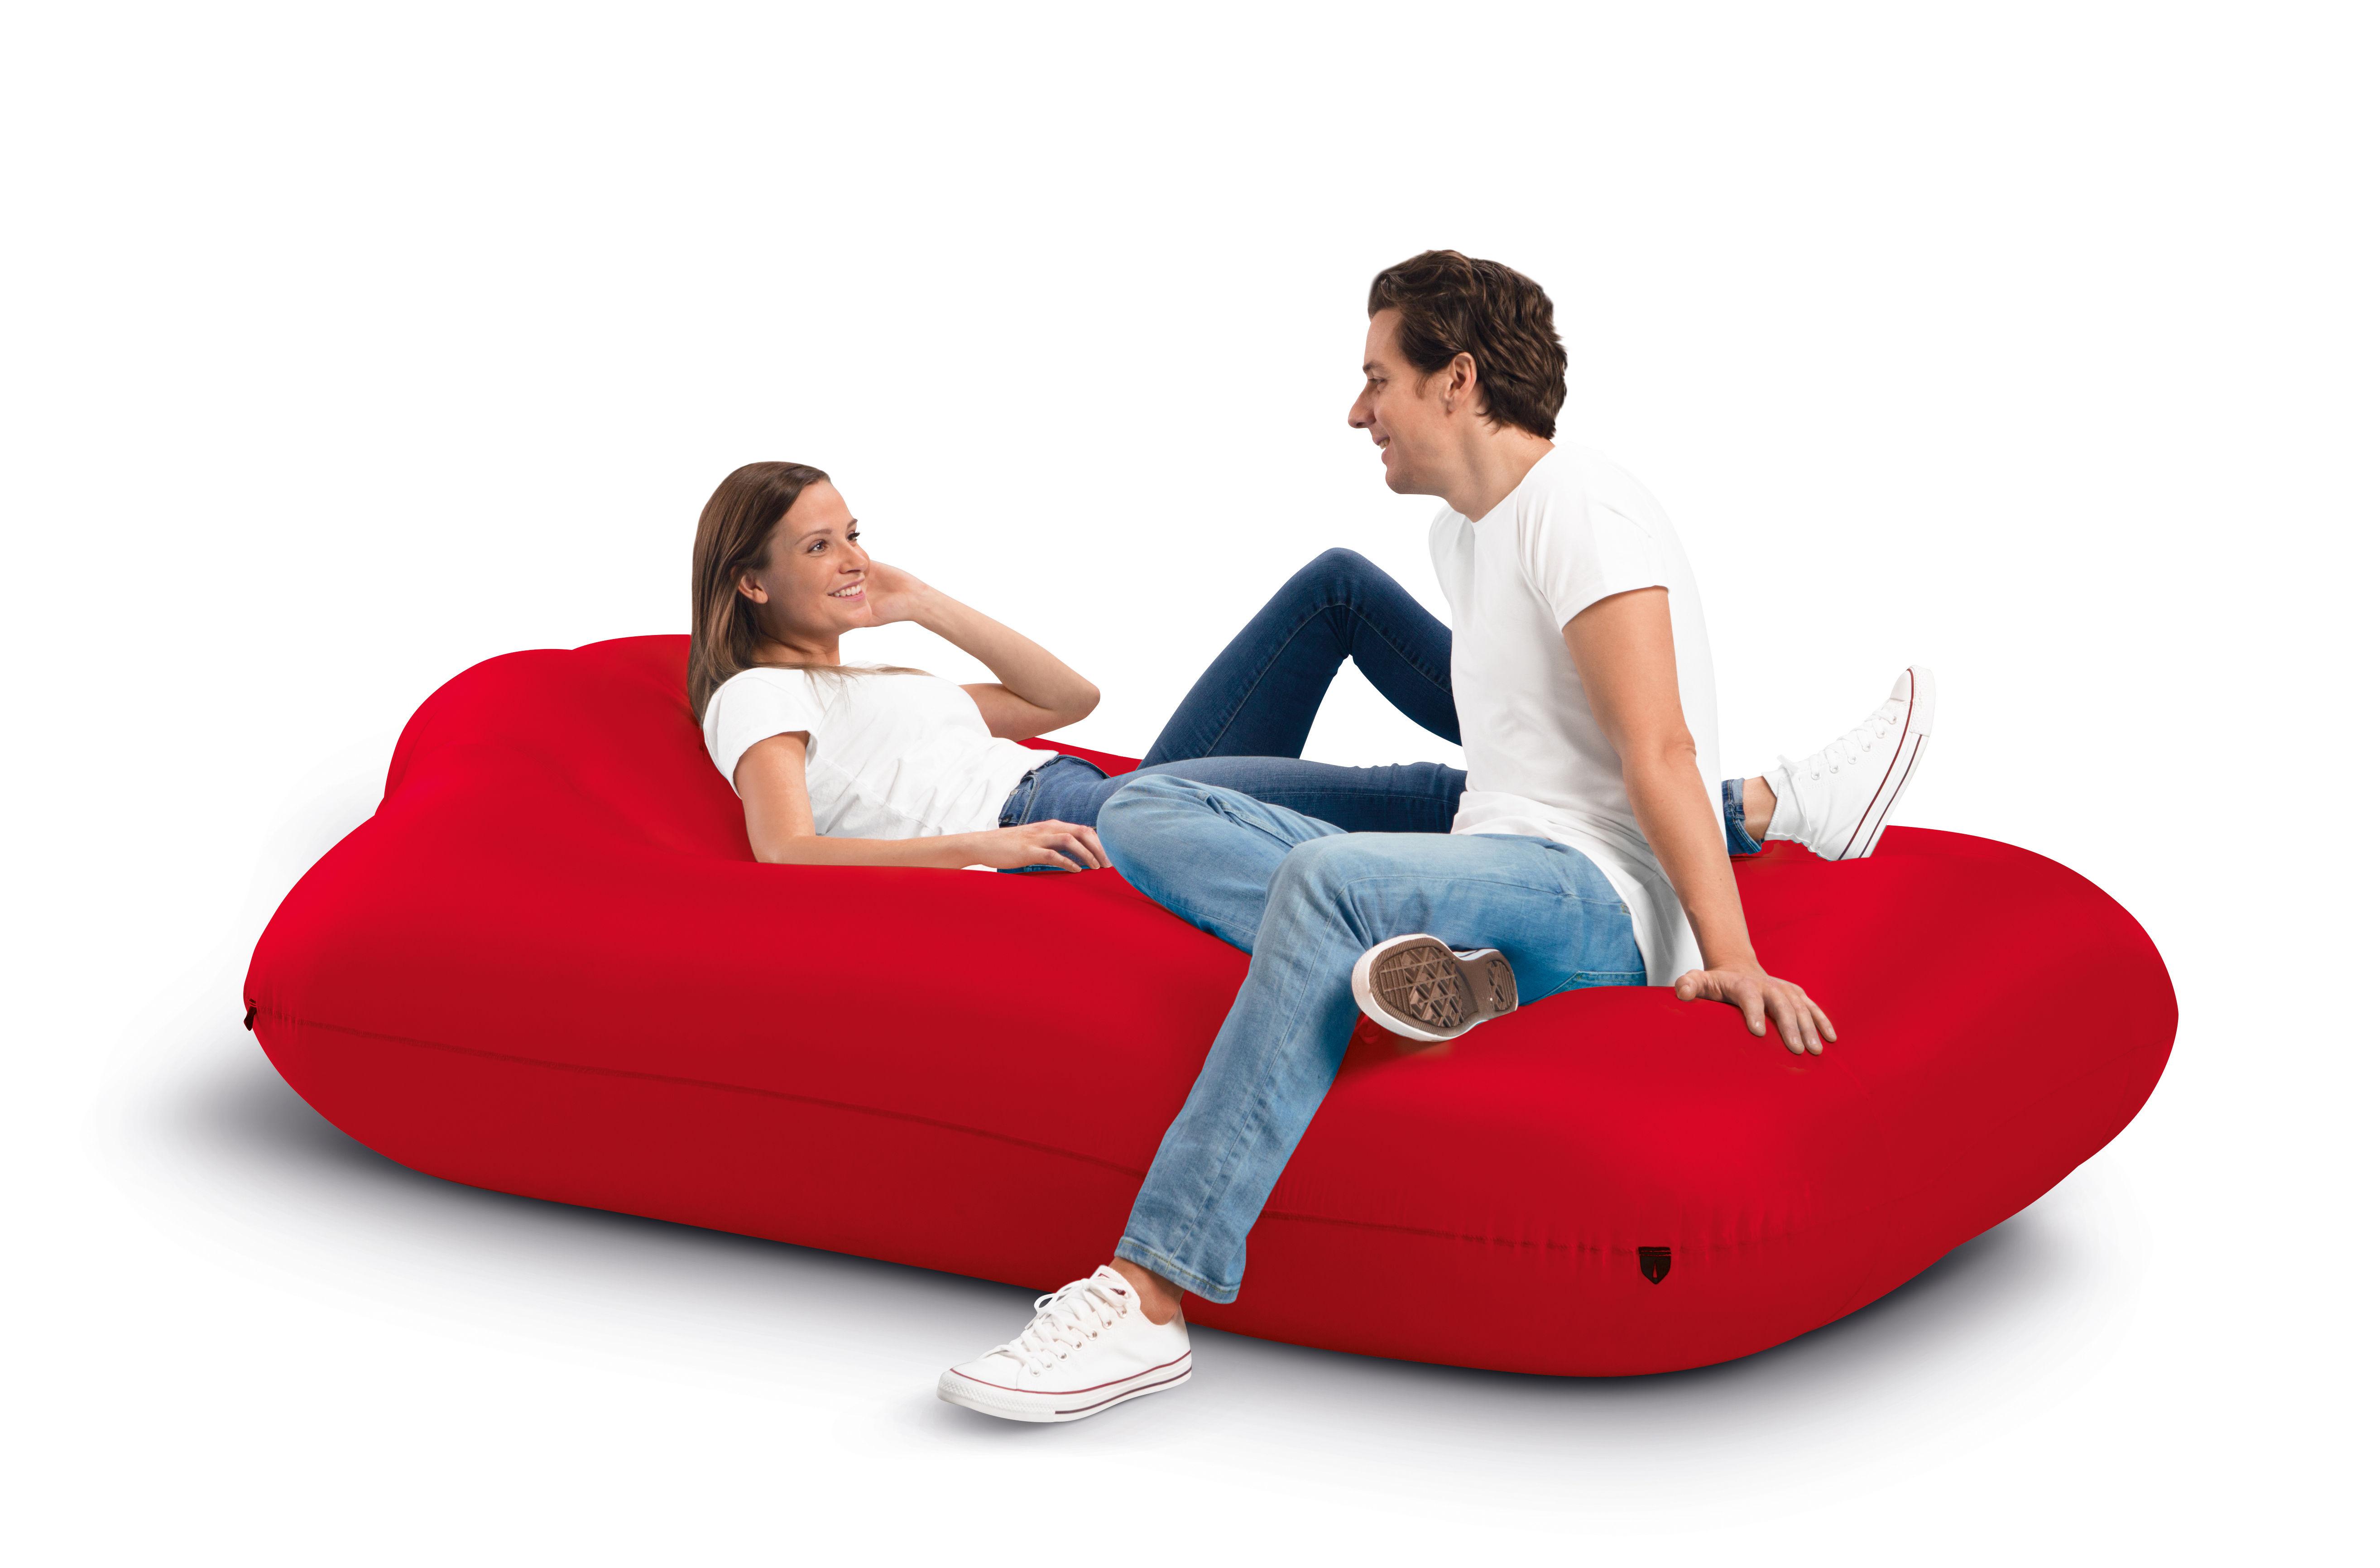 Mobilier - Poufs - Matelas gonflable Lamzac XXXL / L 218 x Larg 130 cm - Fatboy - Rouge - Nylon